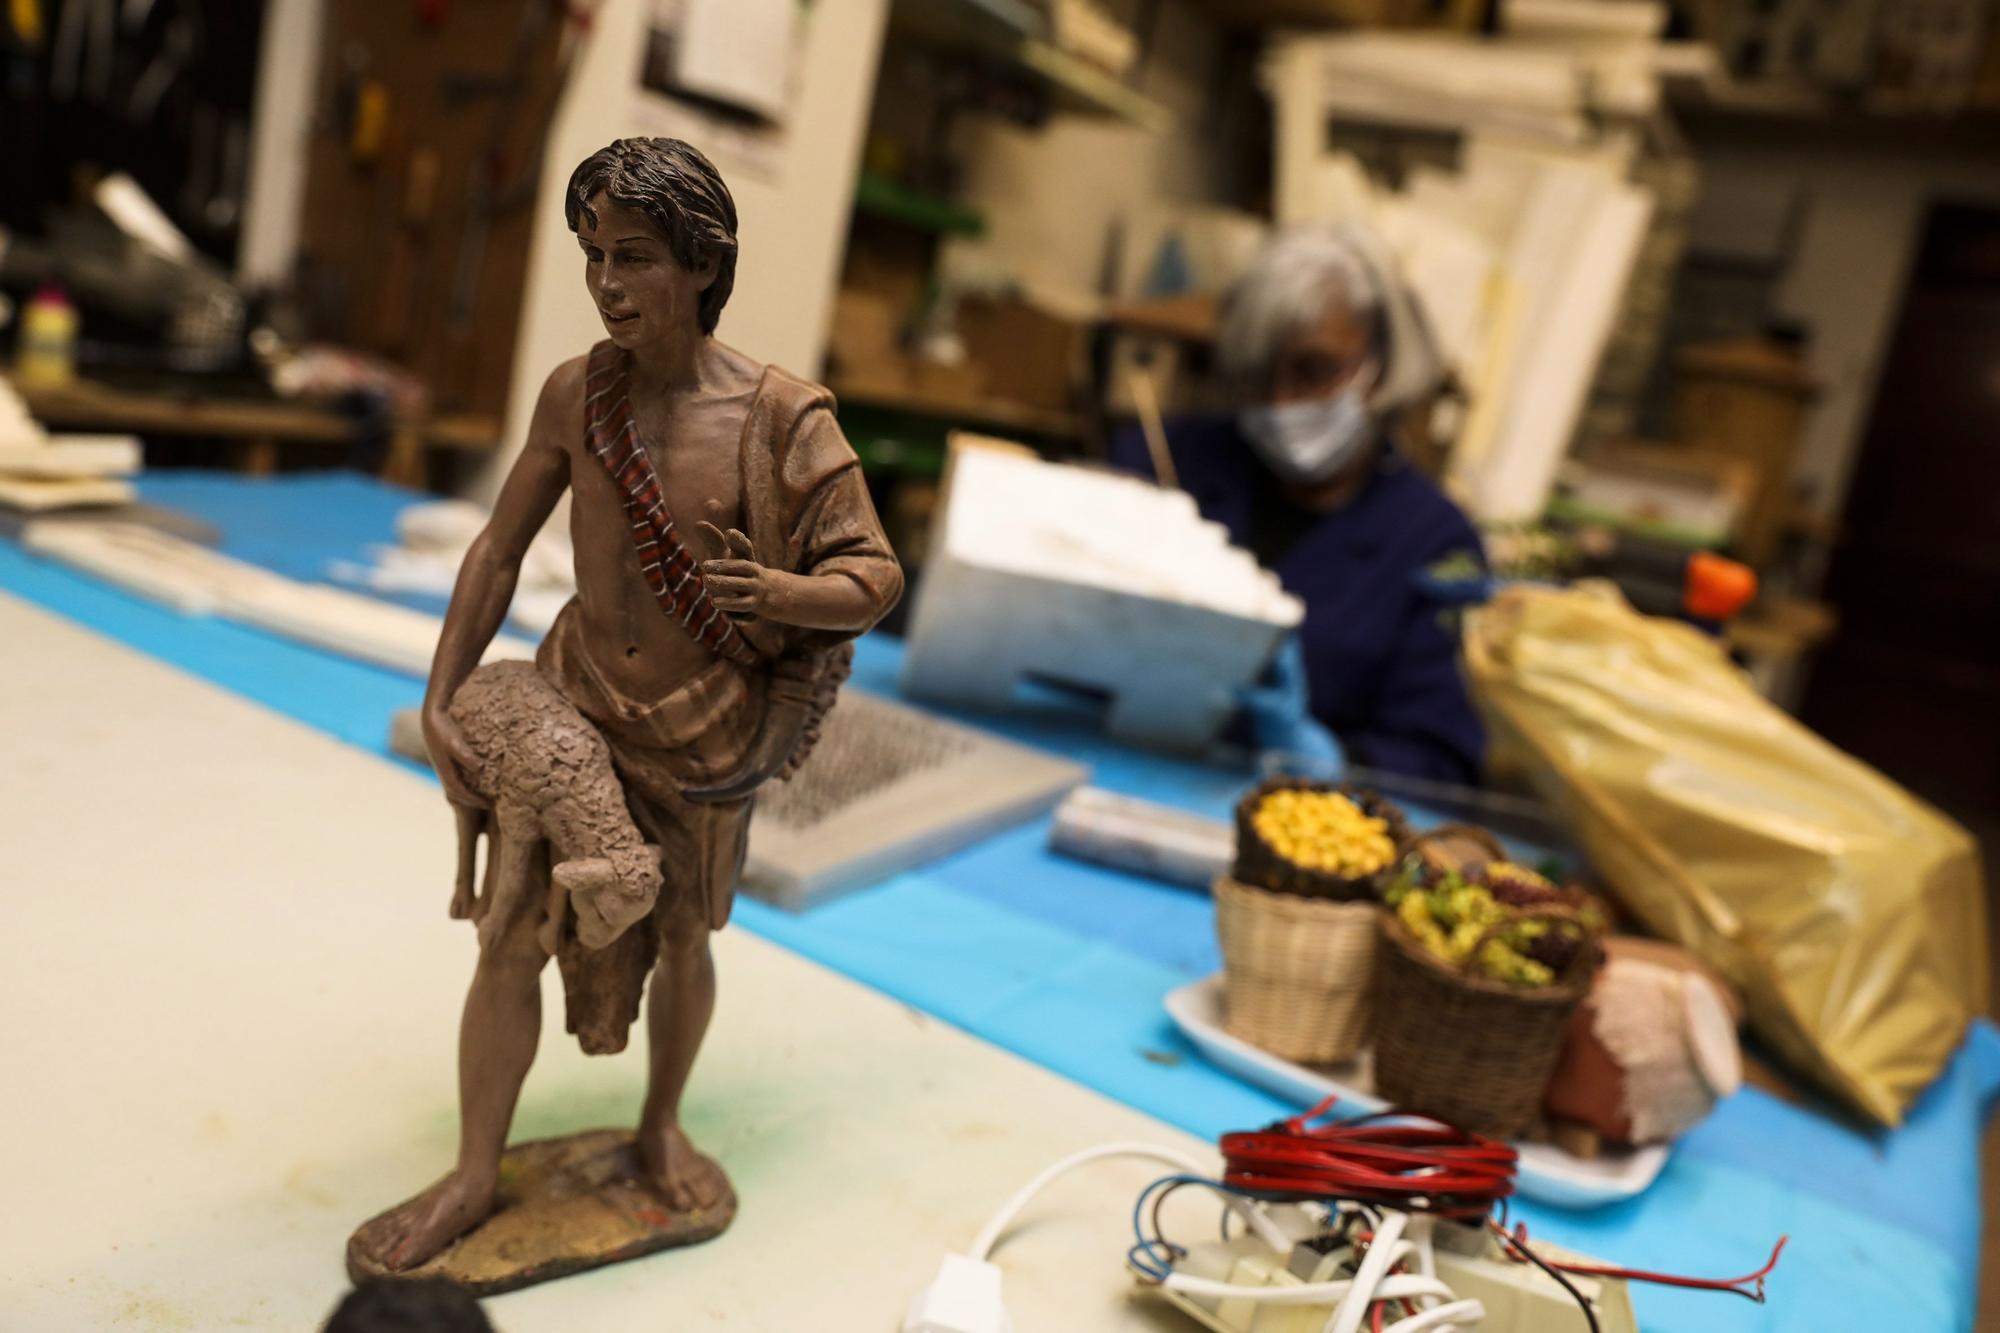 La Asocici�n Belenista de Gij�n prepara su bel�n monumental (6).jpg